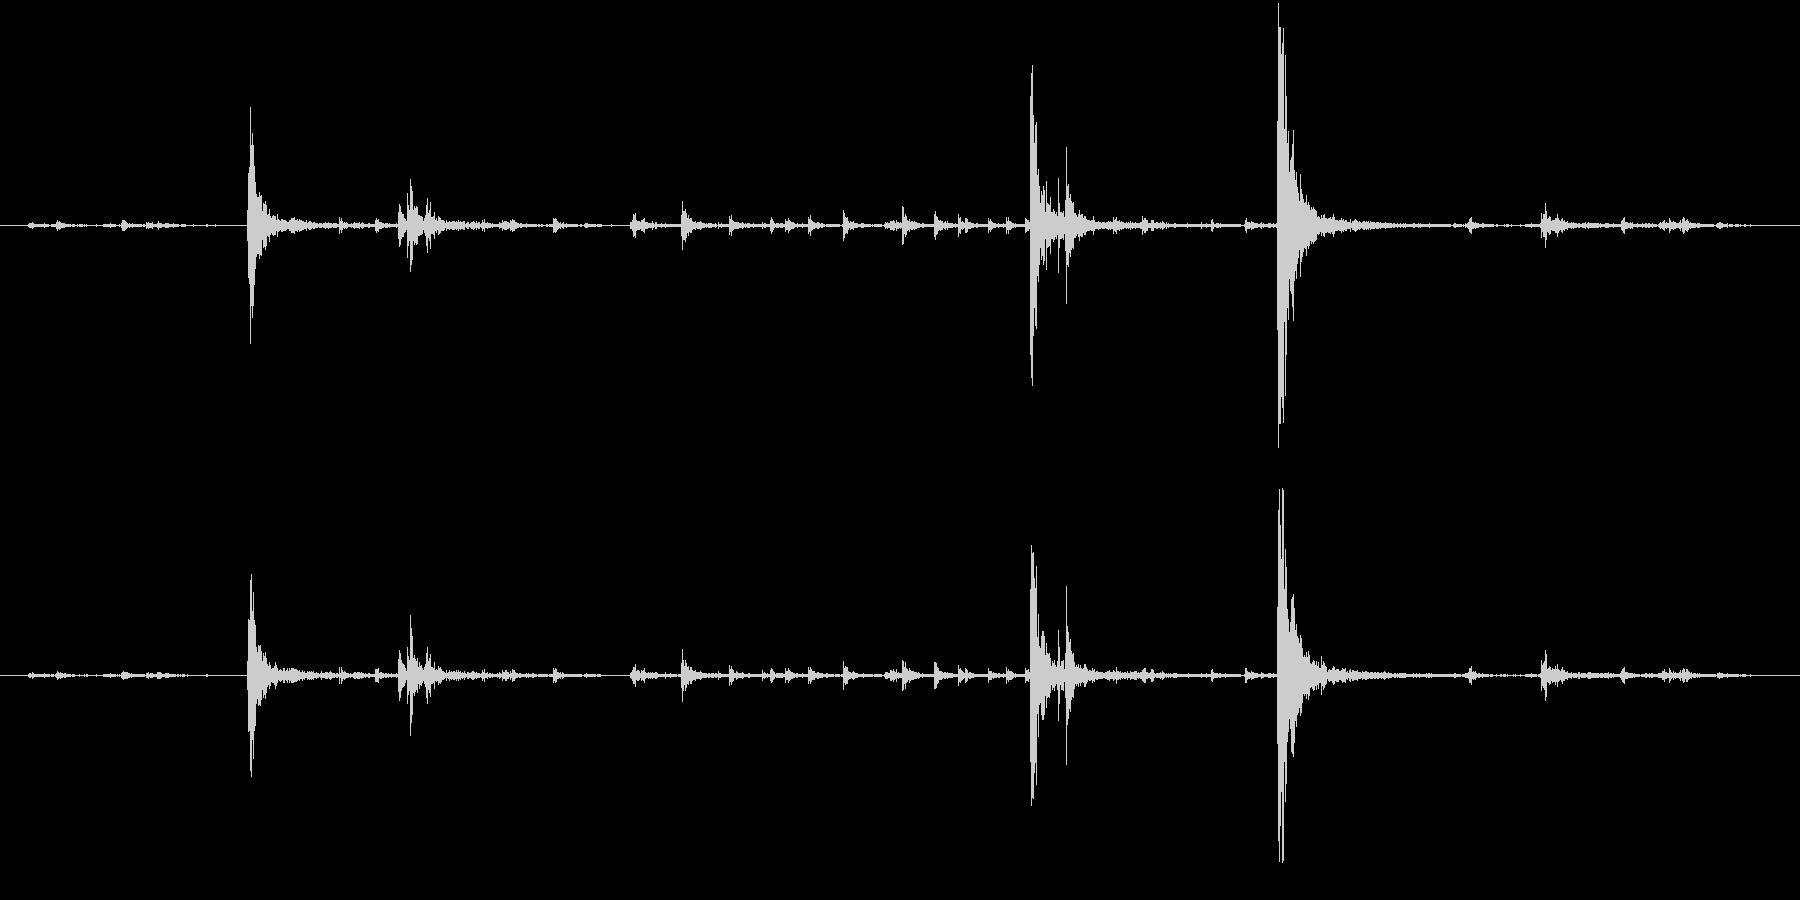 【生録音】弁当・惣菜パックの音 4の未再生の波形